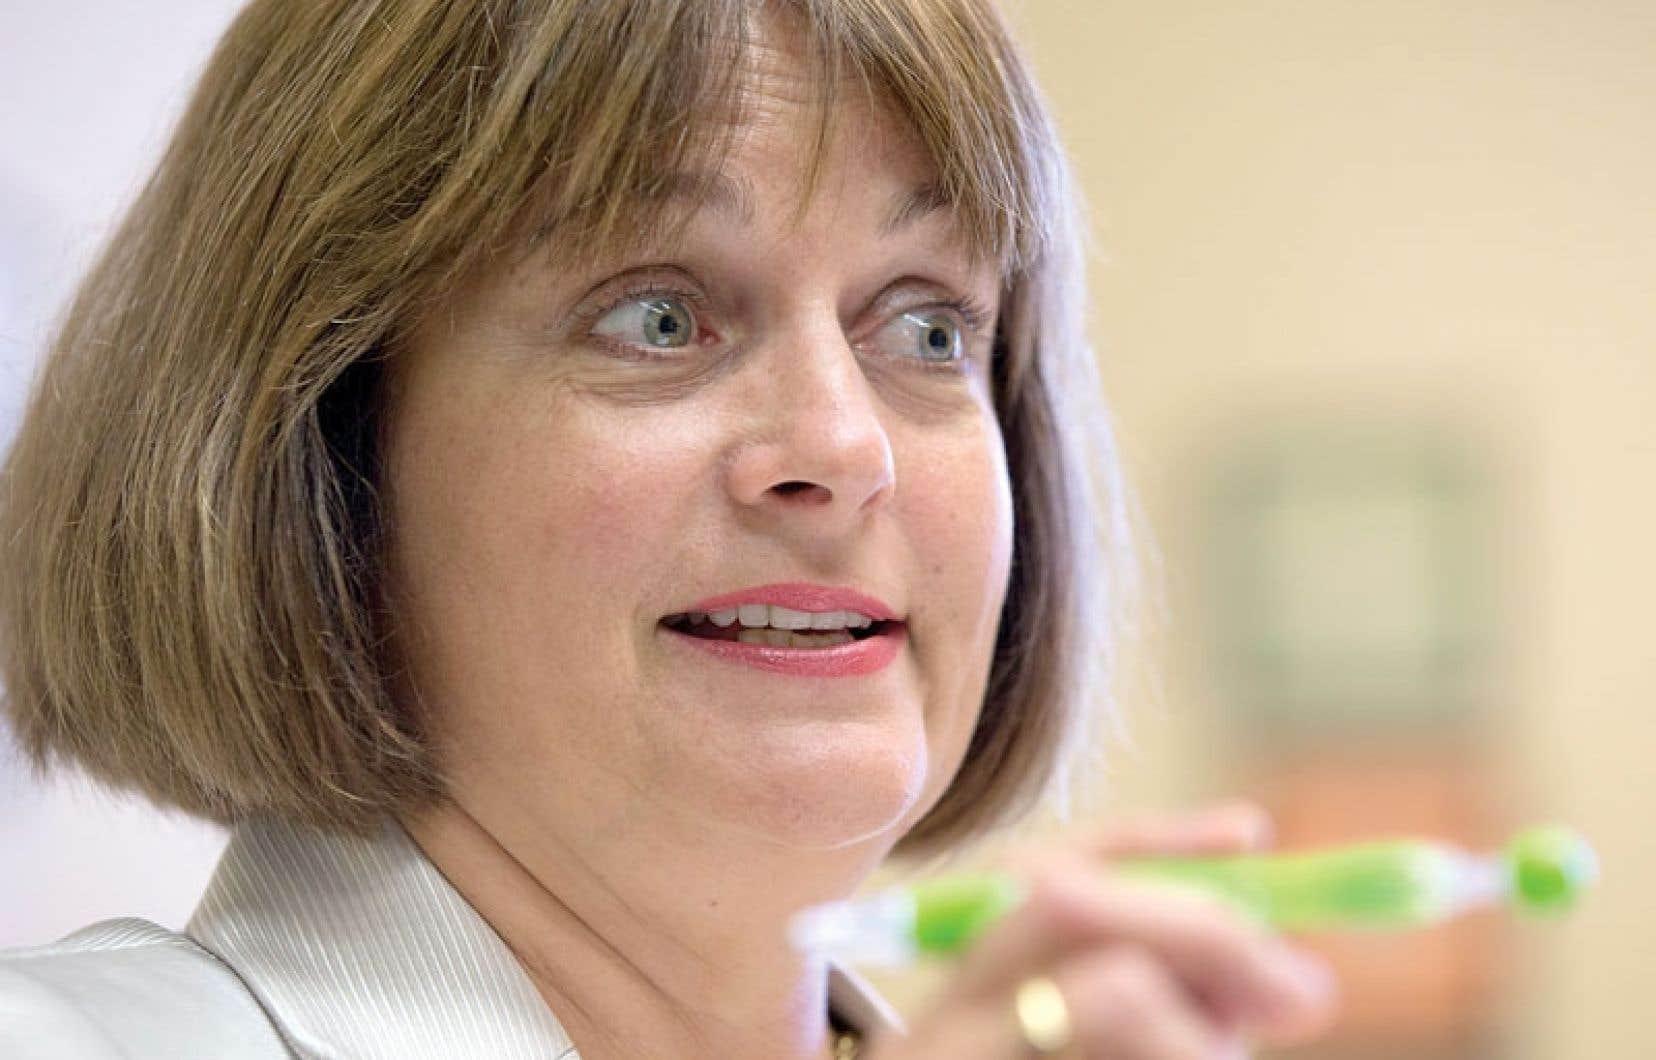 Julie Miville-Dechêne affirmait en entrevue au Devoir jeudi dernier qu'en nommant quatre nouvelles membres au Conseil du statut de la femme, Québec cherchait à museler l'organisme dans le débat sur la Charte des valeurs québécoises.